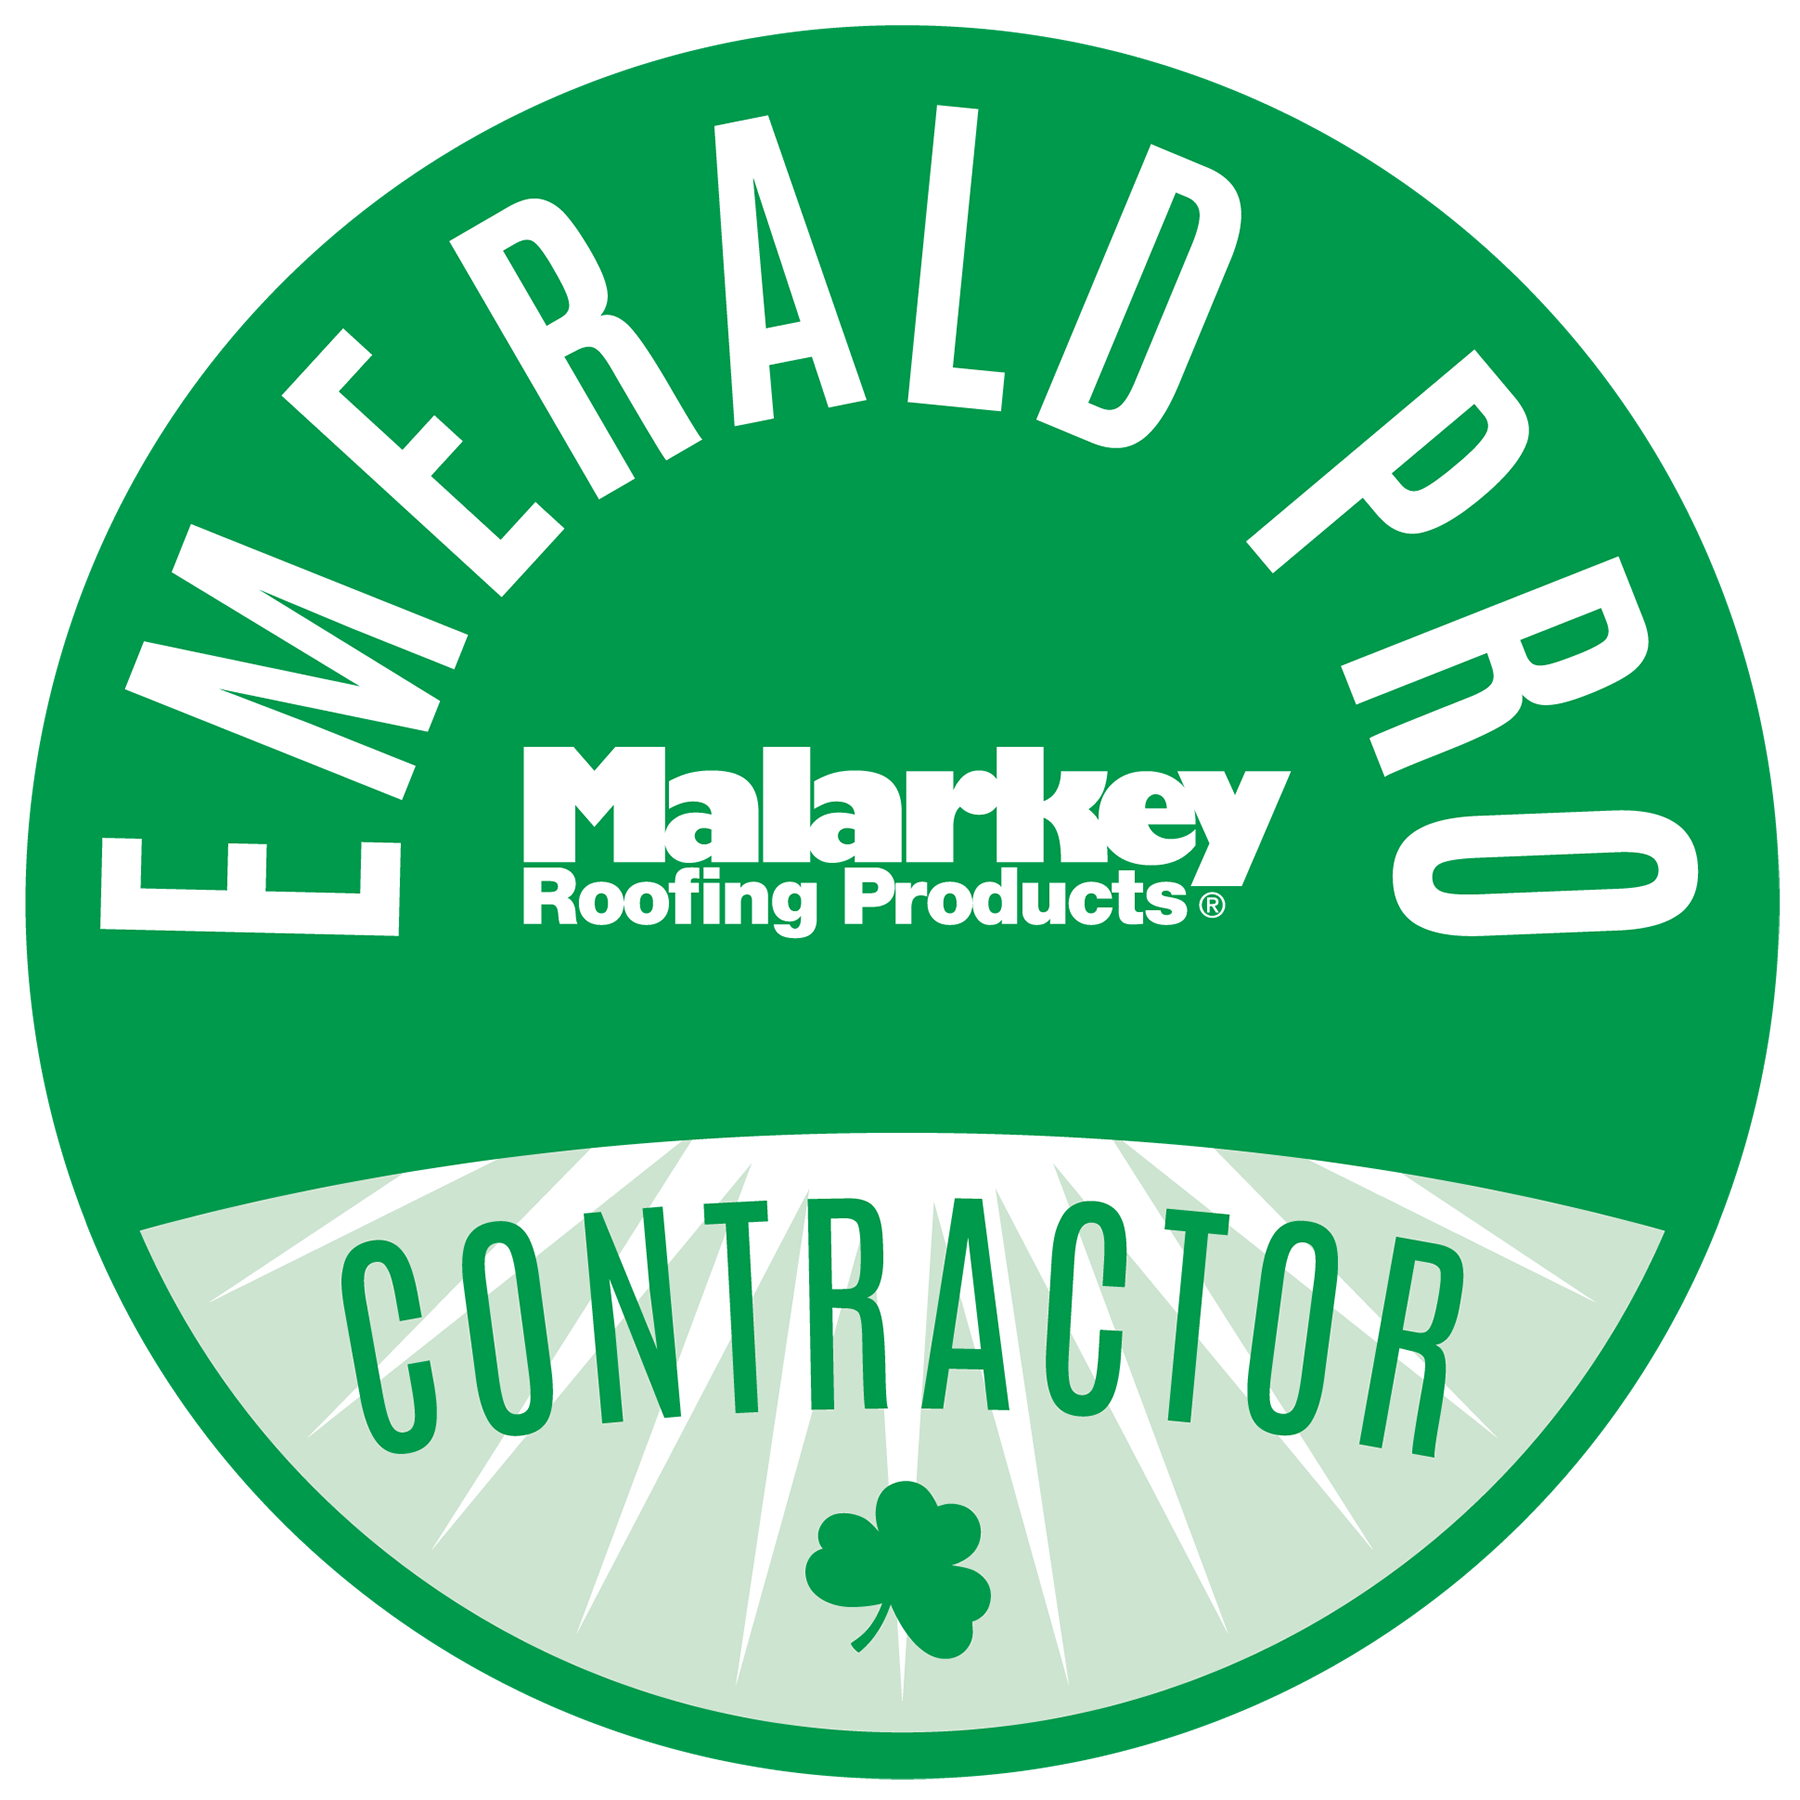 Malarkey Emerald-Pro-Contractor_Badge